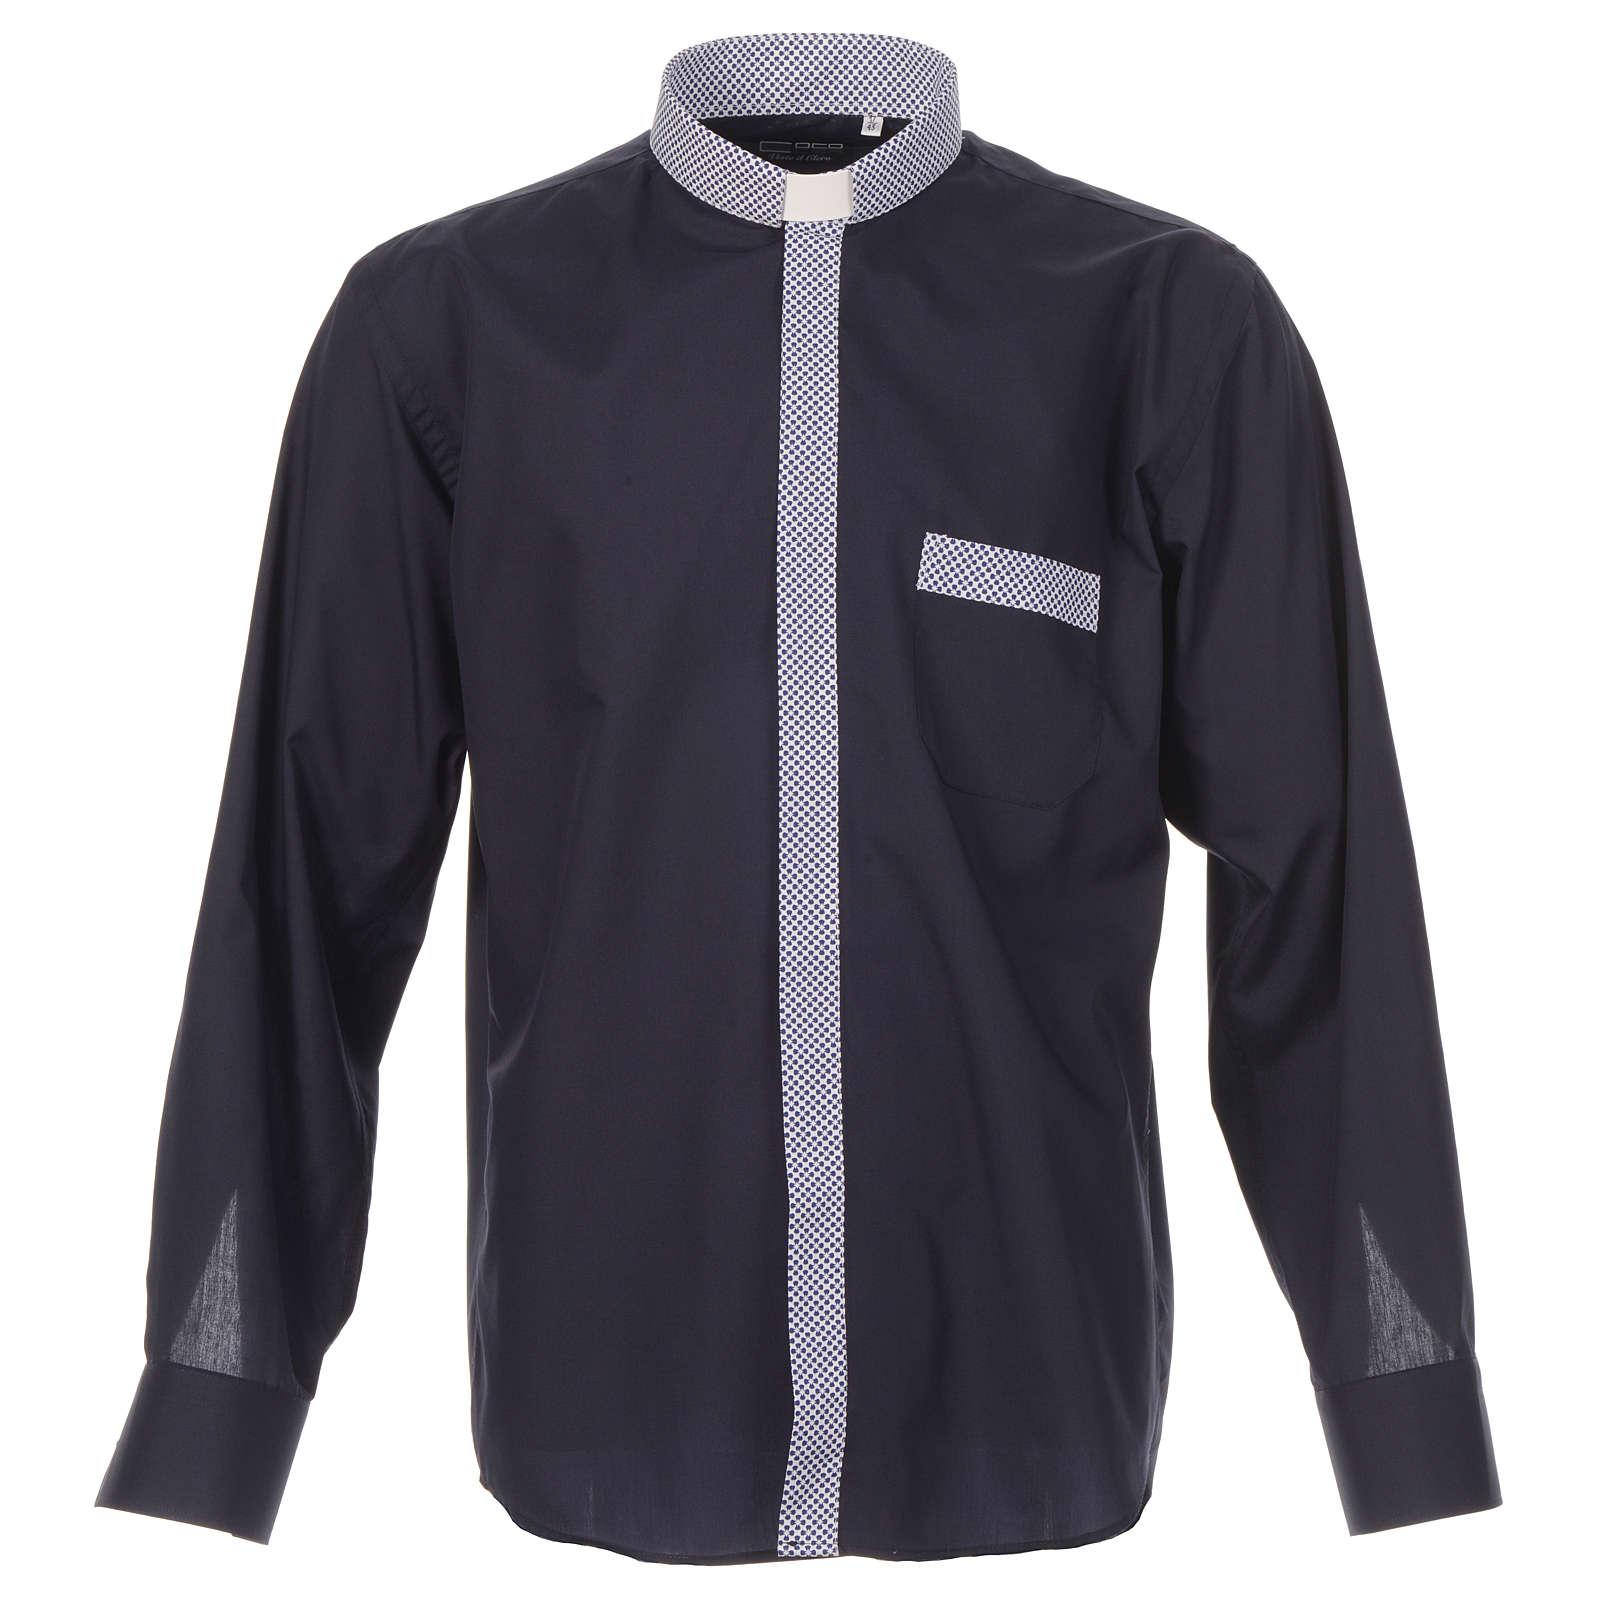 Koszula kapłańska kontrast krzyże niebieski długi rękaw 4